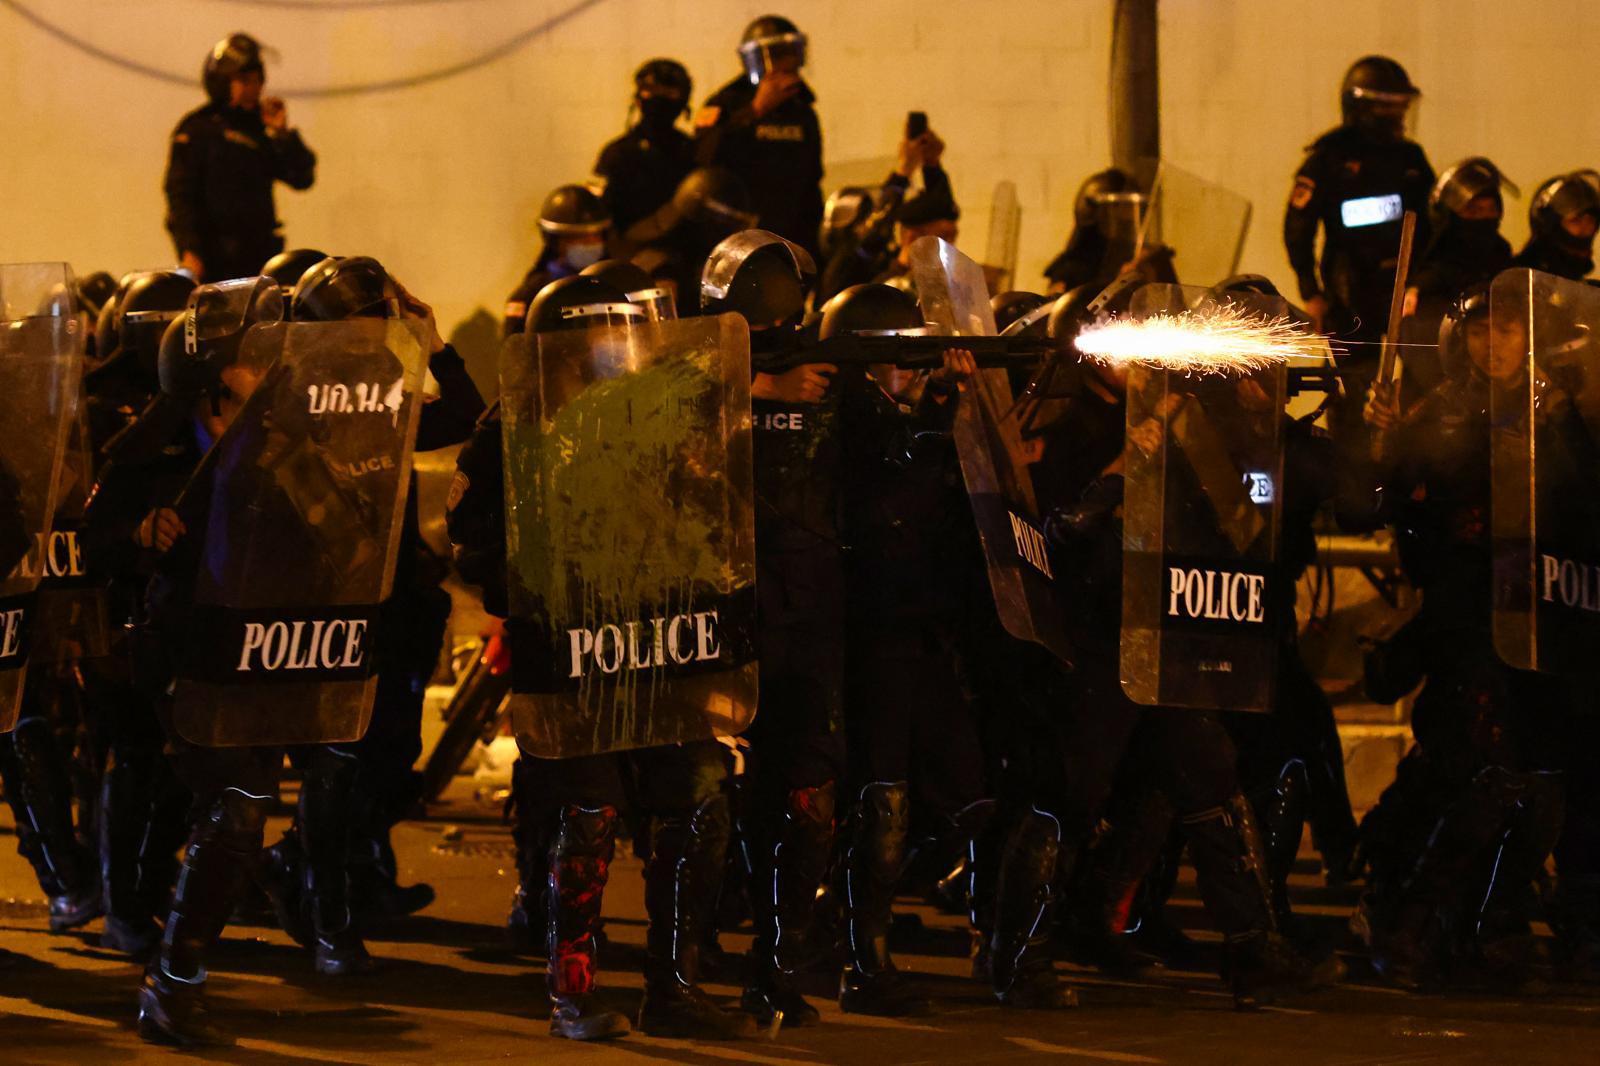 """เปิด """"จรรยาบรรณสากลตำรวจ"""" หลังความรุนแรงจากเจ้าหน้าที่ทวีความรุนแรง"""